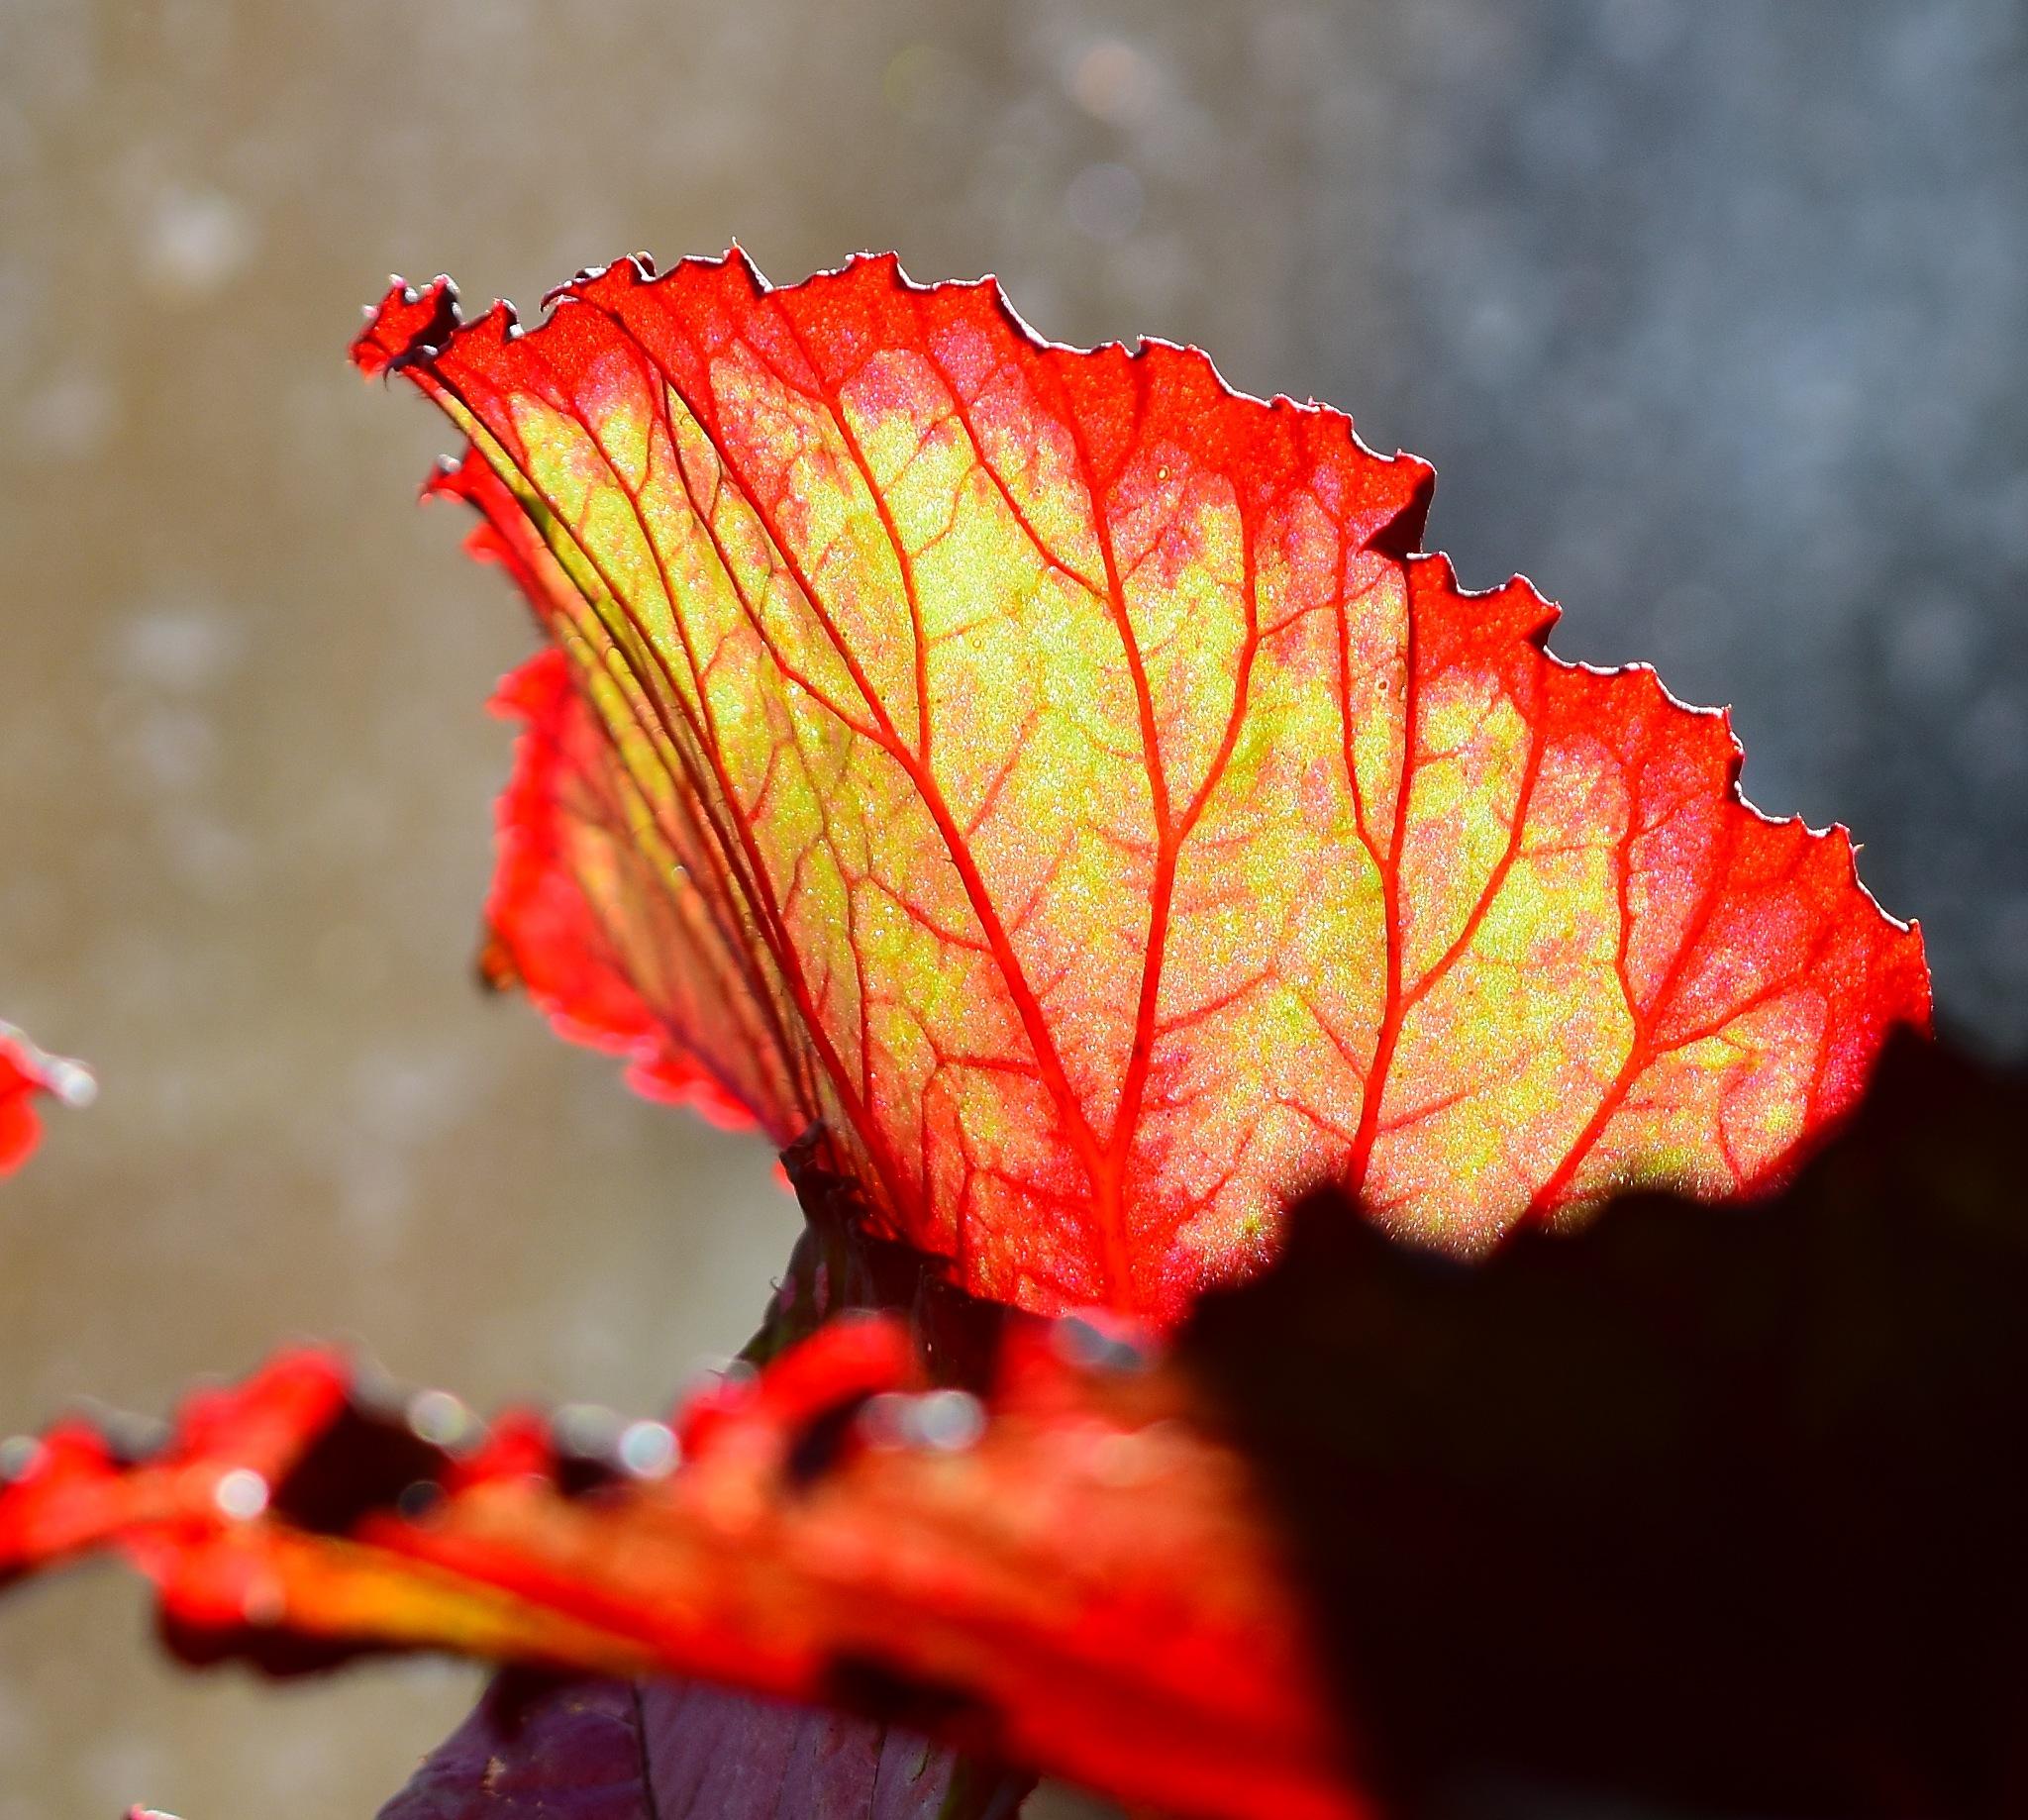 Veins by Greg Knott